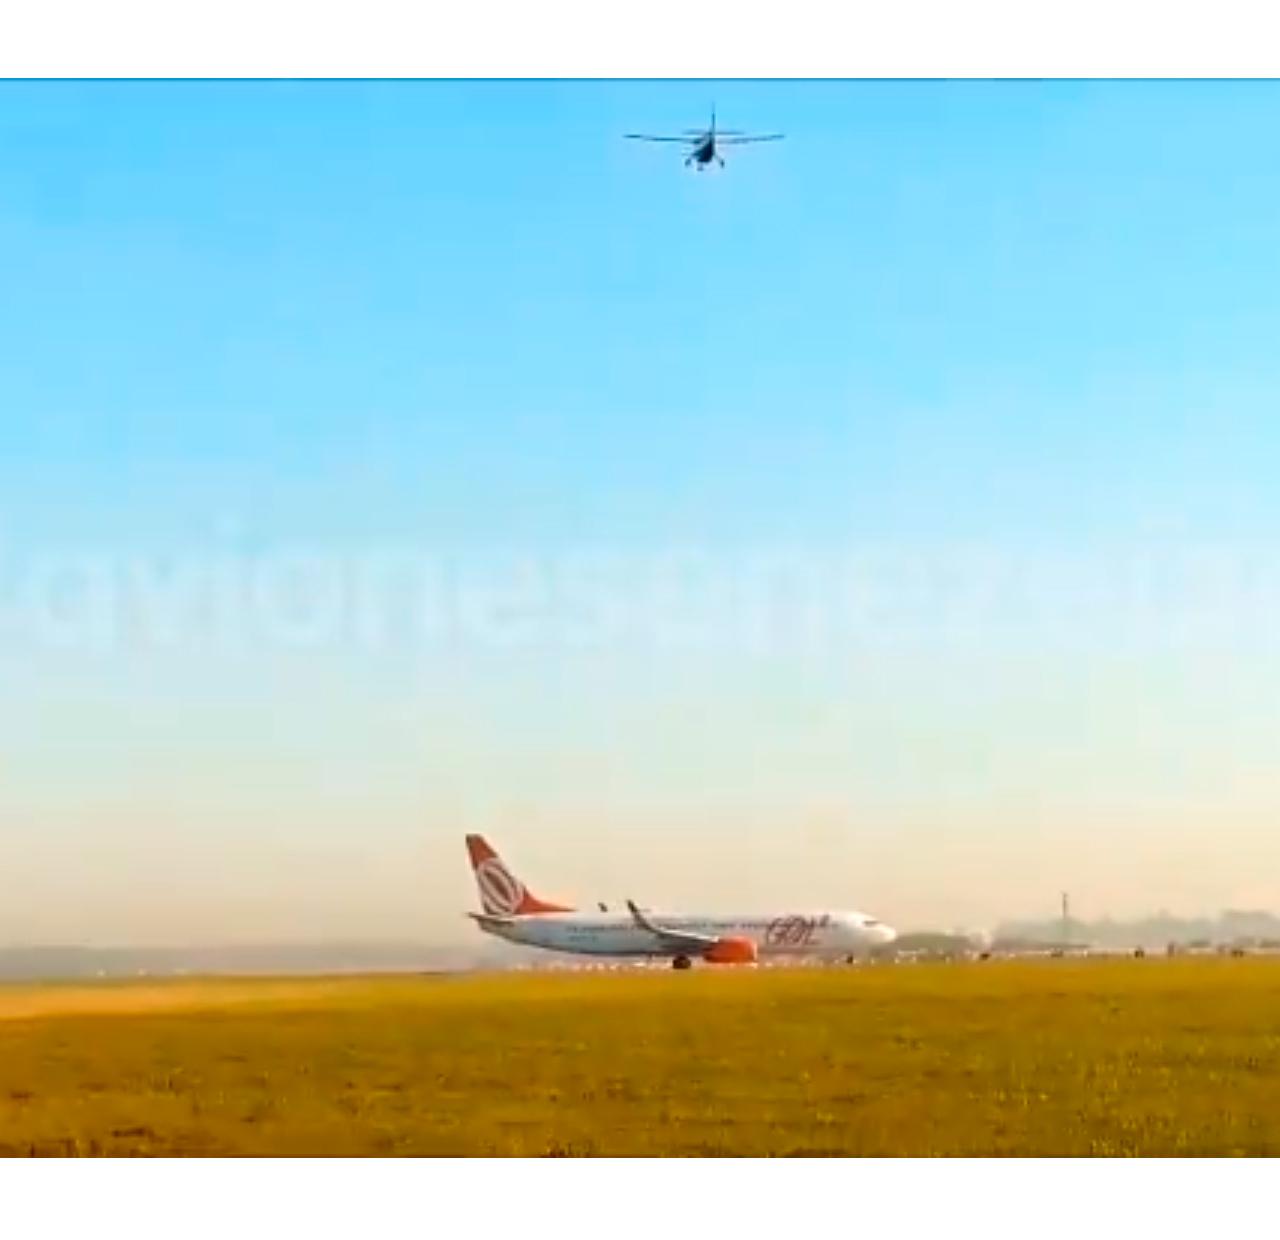 Por error de un piloto, casi chocan dos aviones — Ezeiza